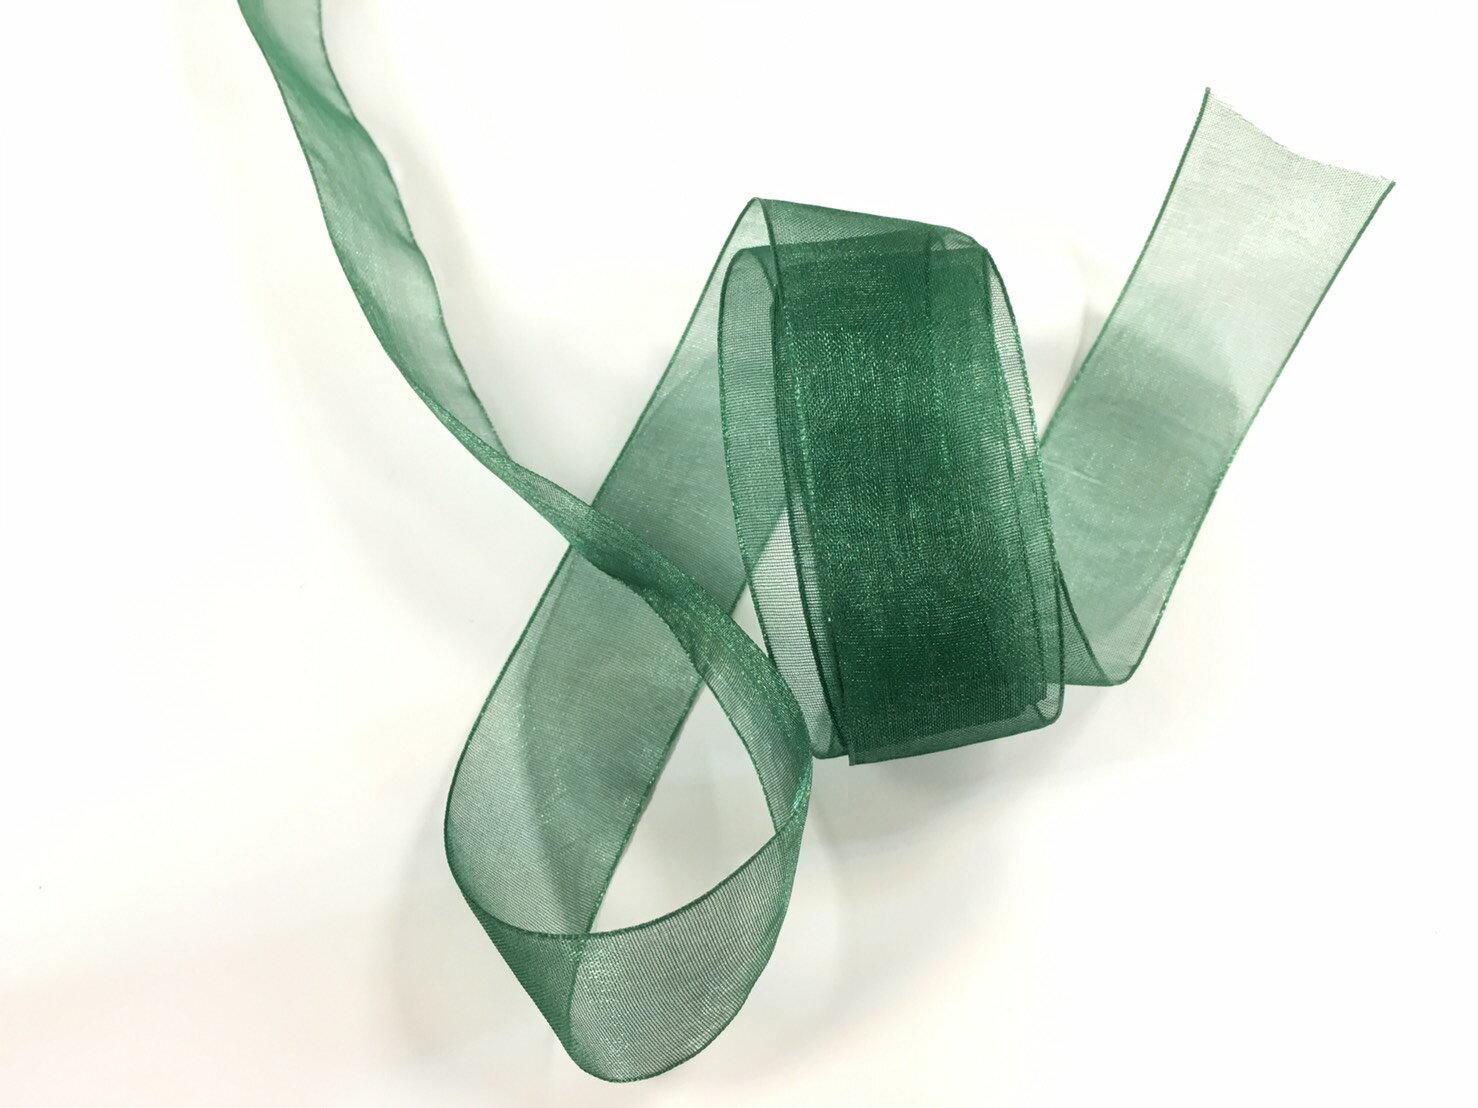 【Crystal Rose緞帶專賣店】光澤網紗緞帶 3碼裝 (10色) 7